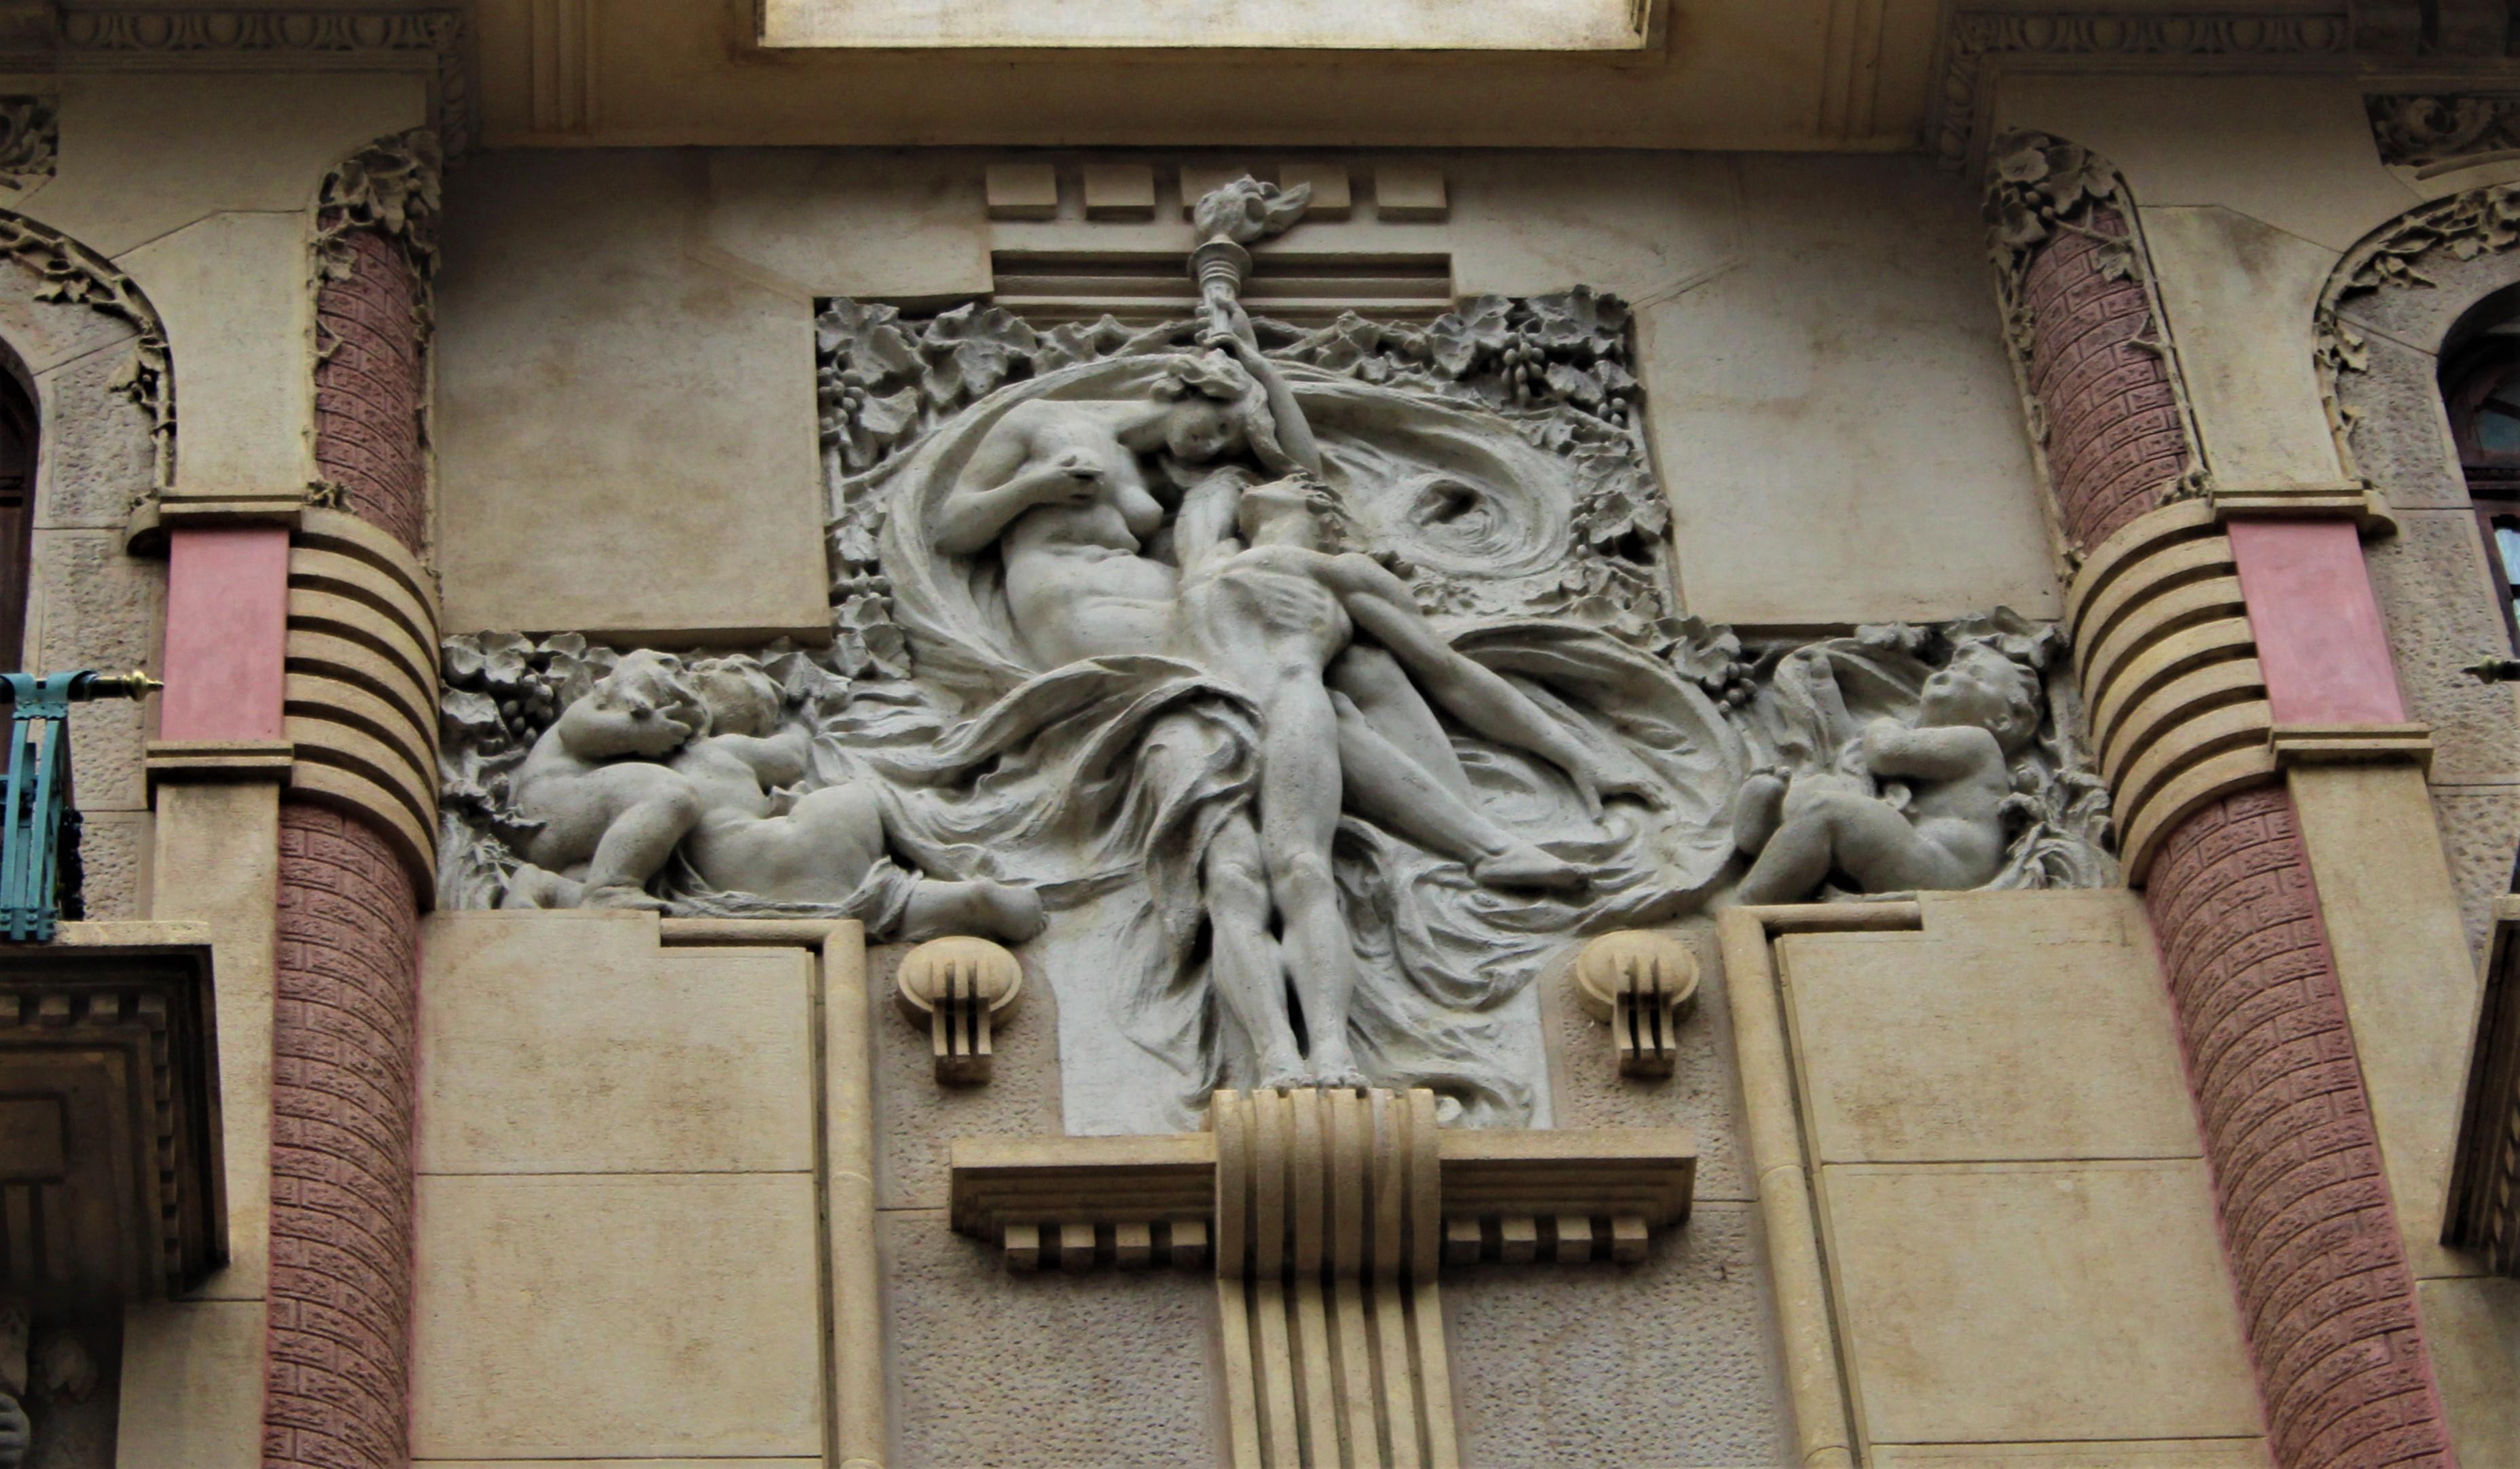 Escultura de los amantes en la fachada de Casa Calise. Imagen: Lucía Benavente.